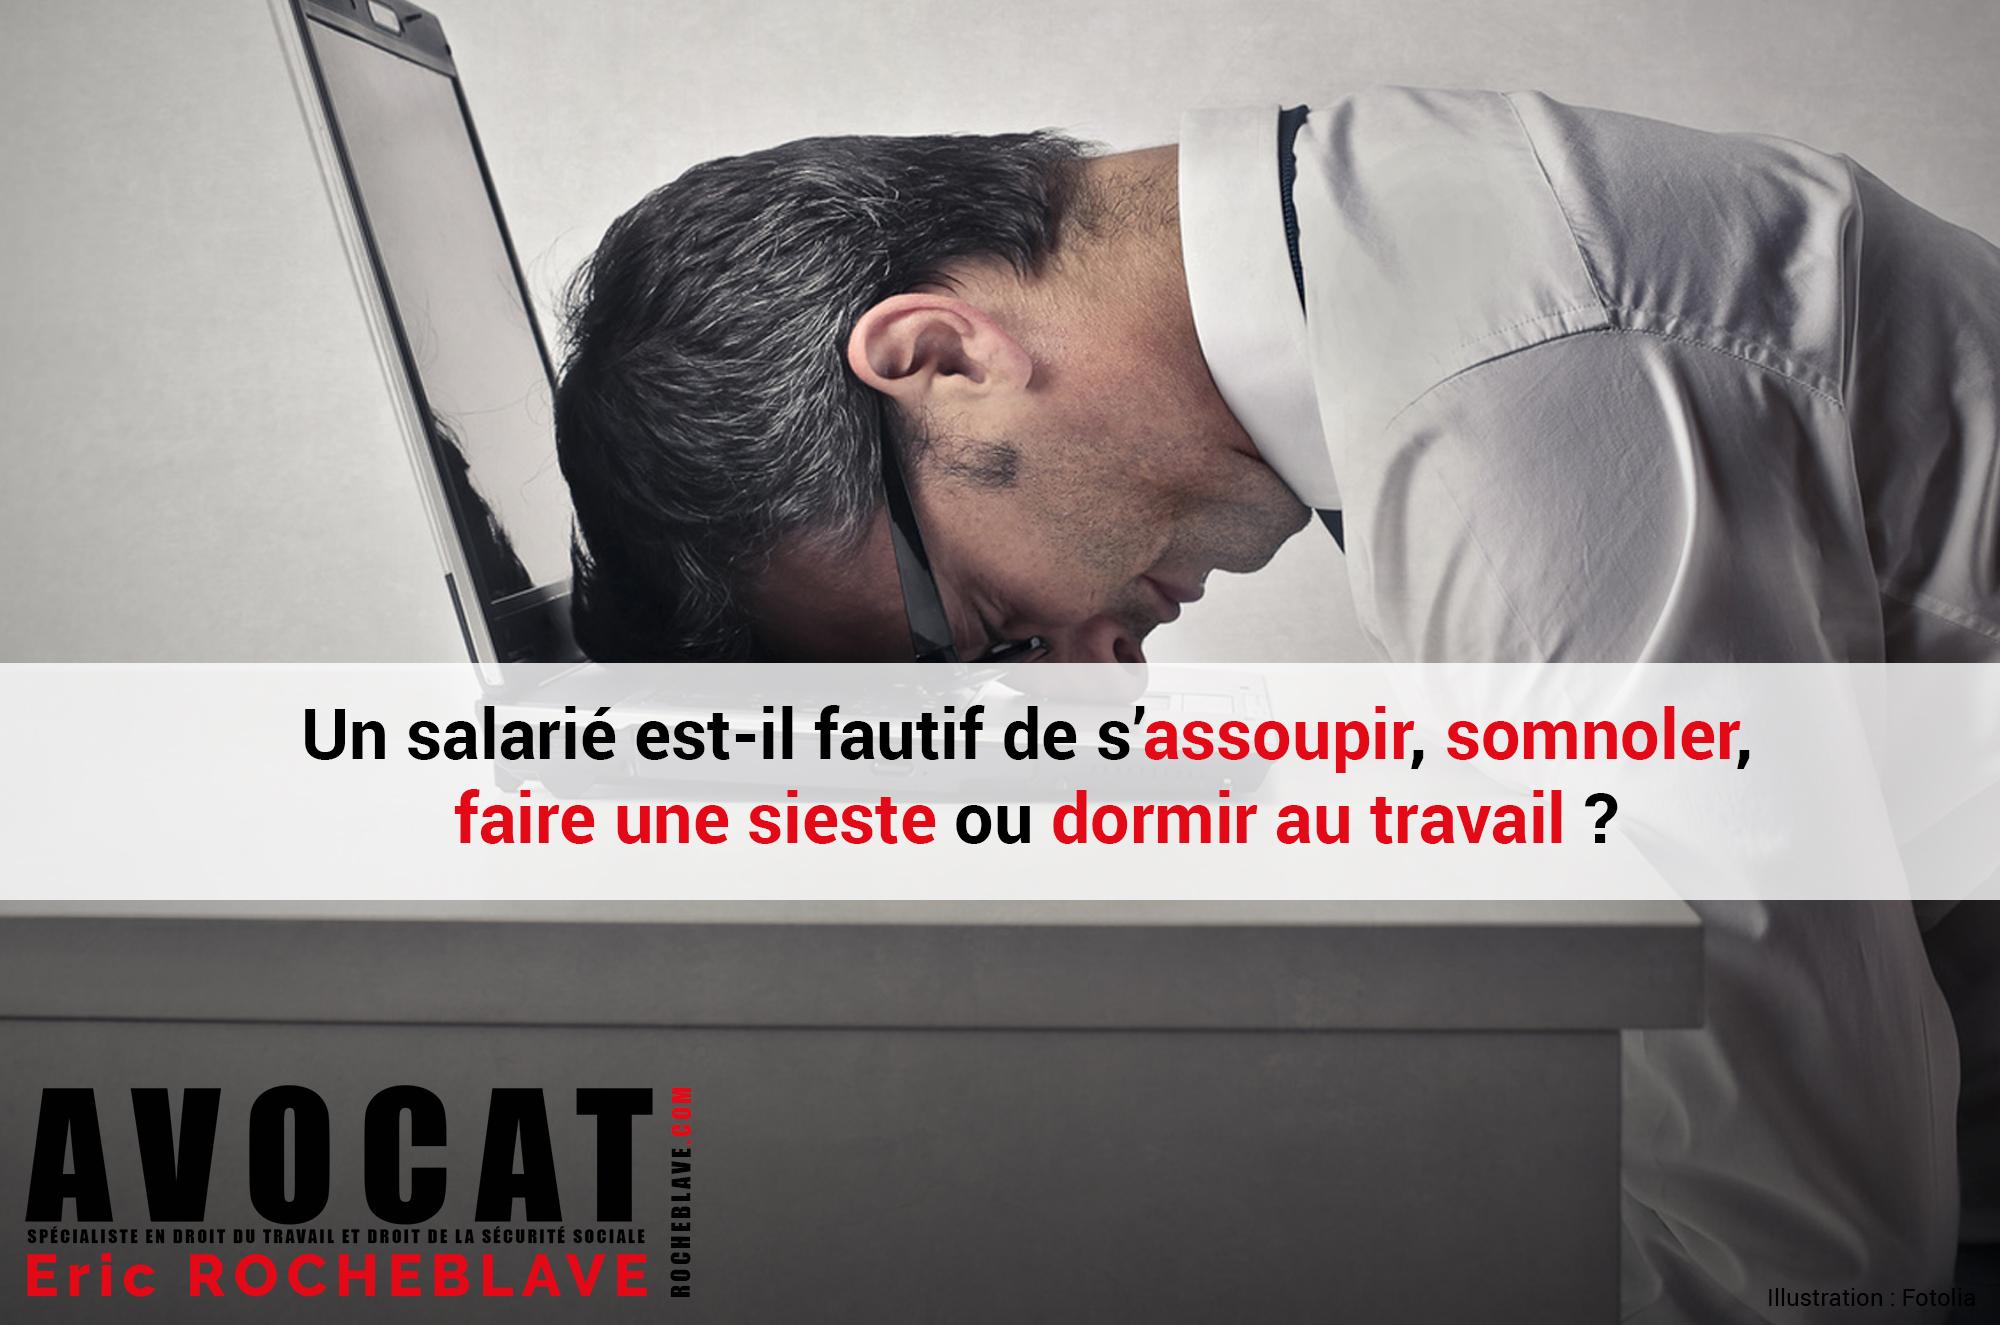 Un salarié est-il fautif de s'assoupir, somnoler, faire une sieste ou dormir au travail ?